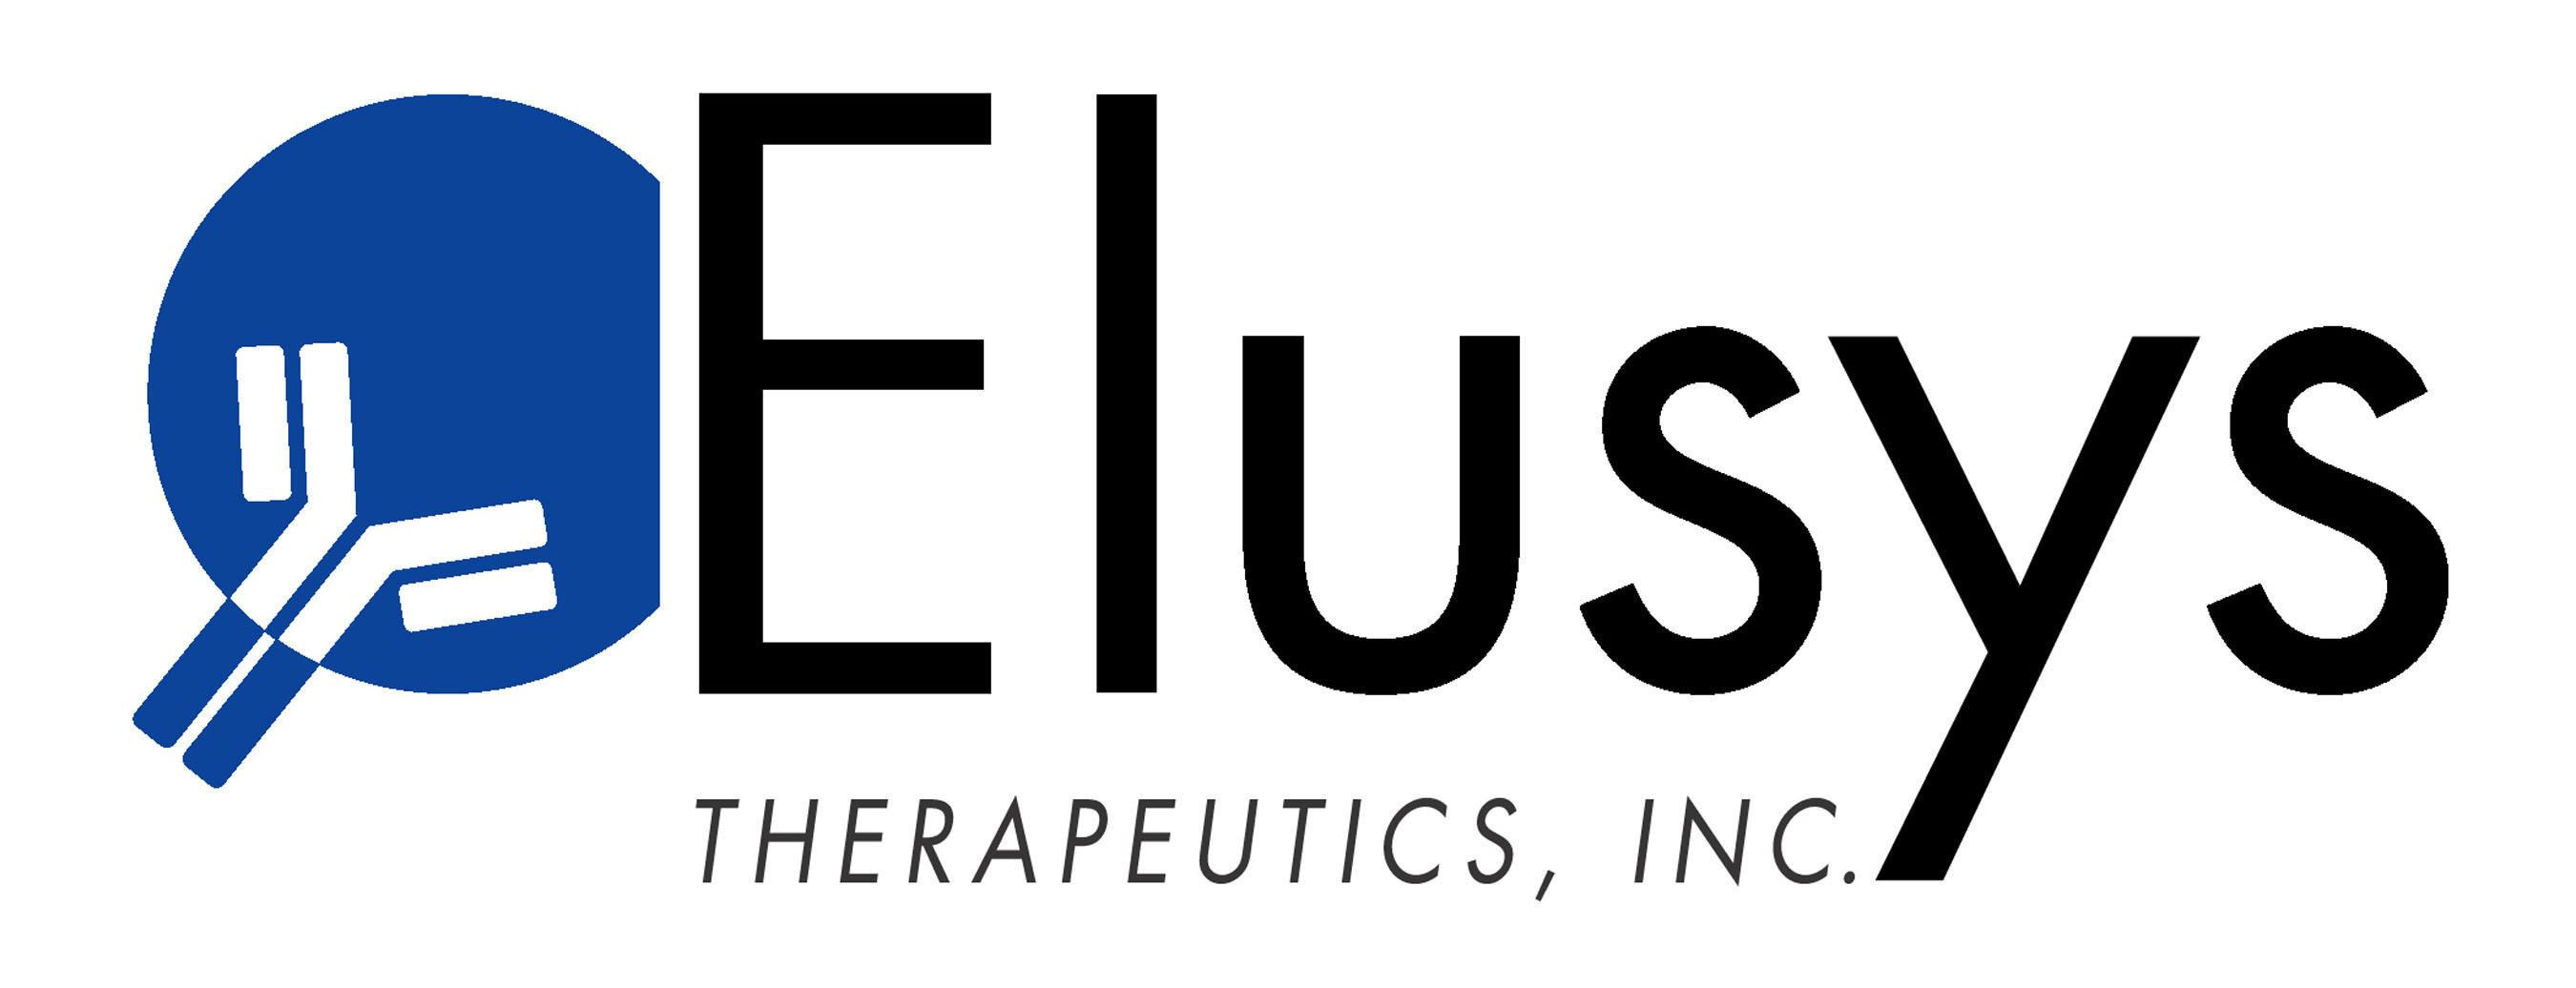 Elusys Therapeutics